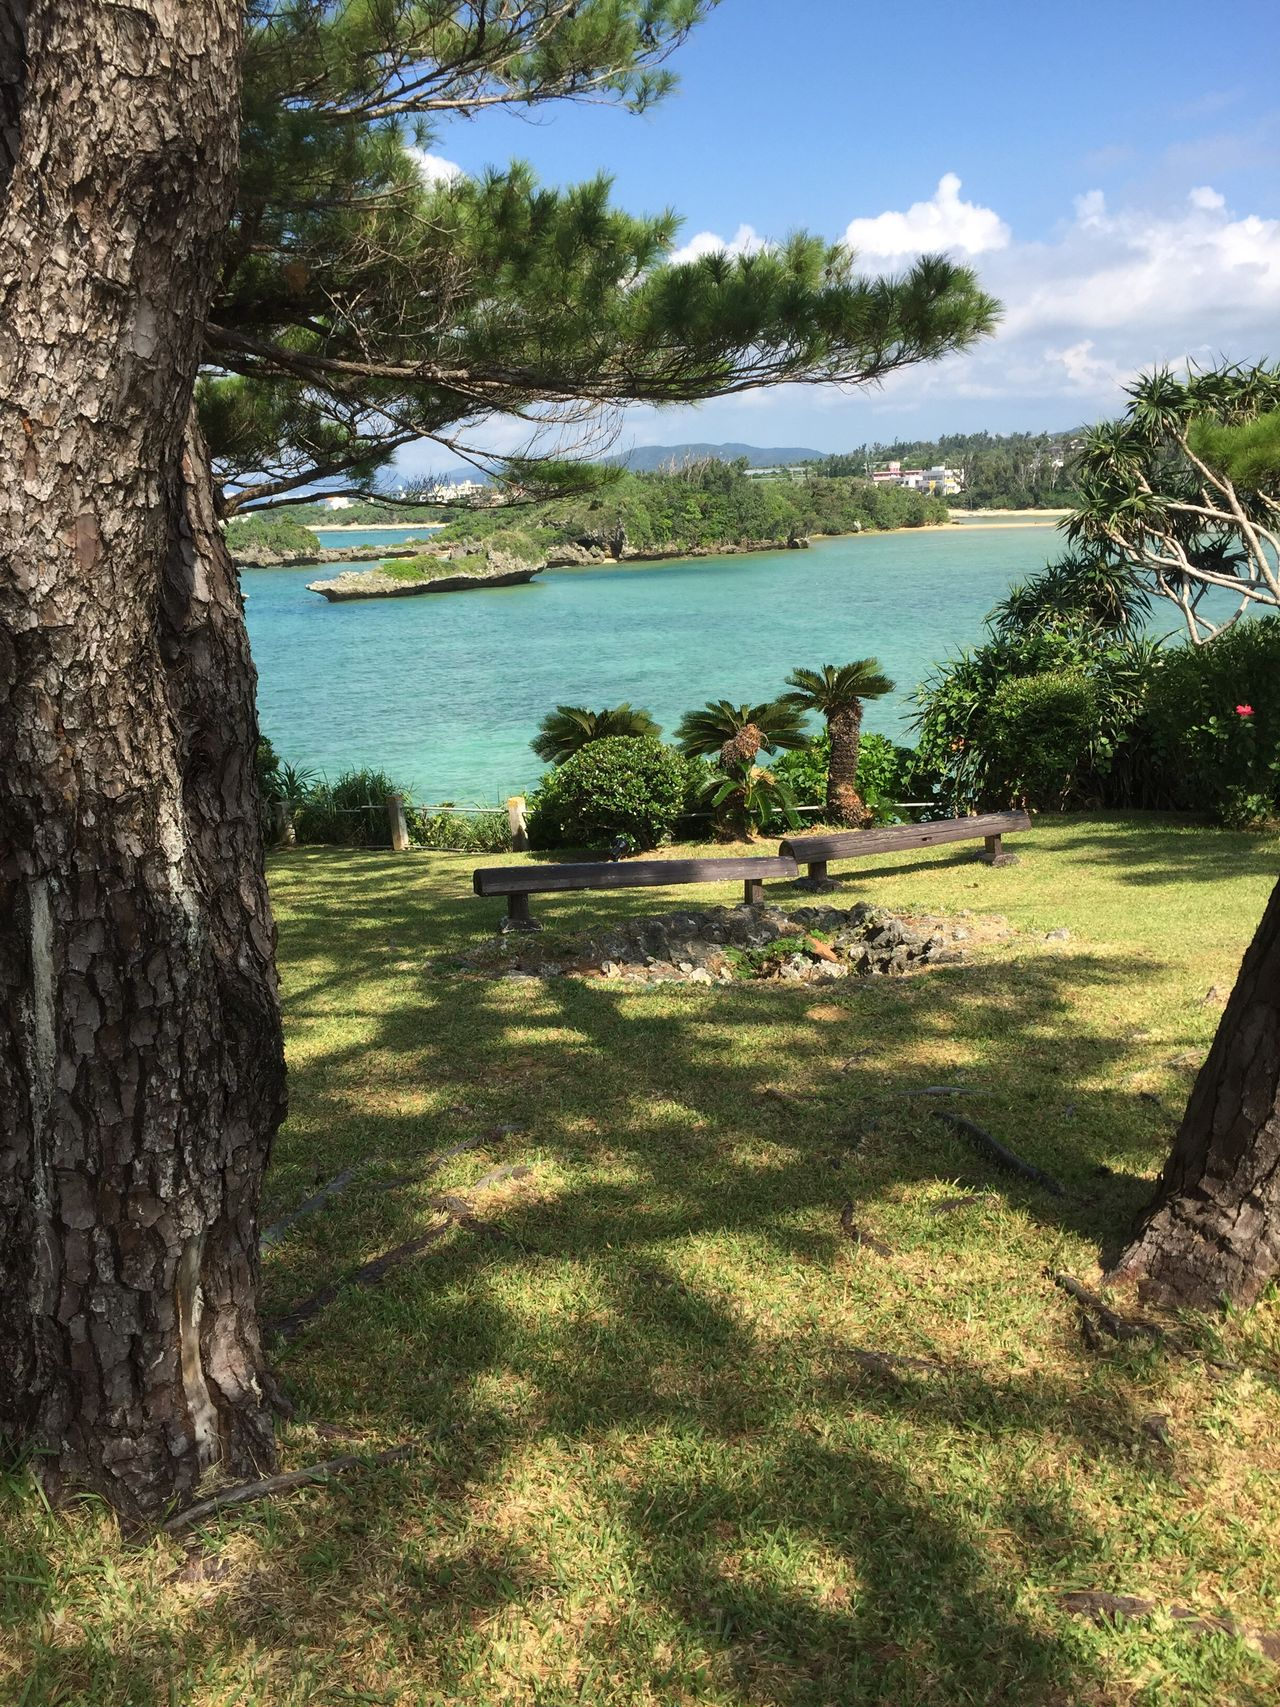 Snap Okinawa 日本 沖縄 Japan スナップ 海 うみ 木陰 木陰のベンチ Shade Of The Bench Shade Bench